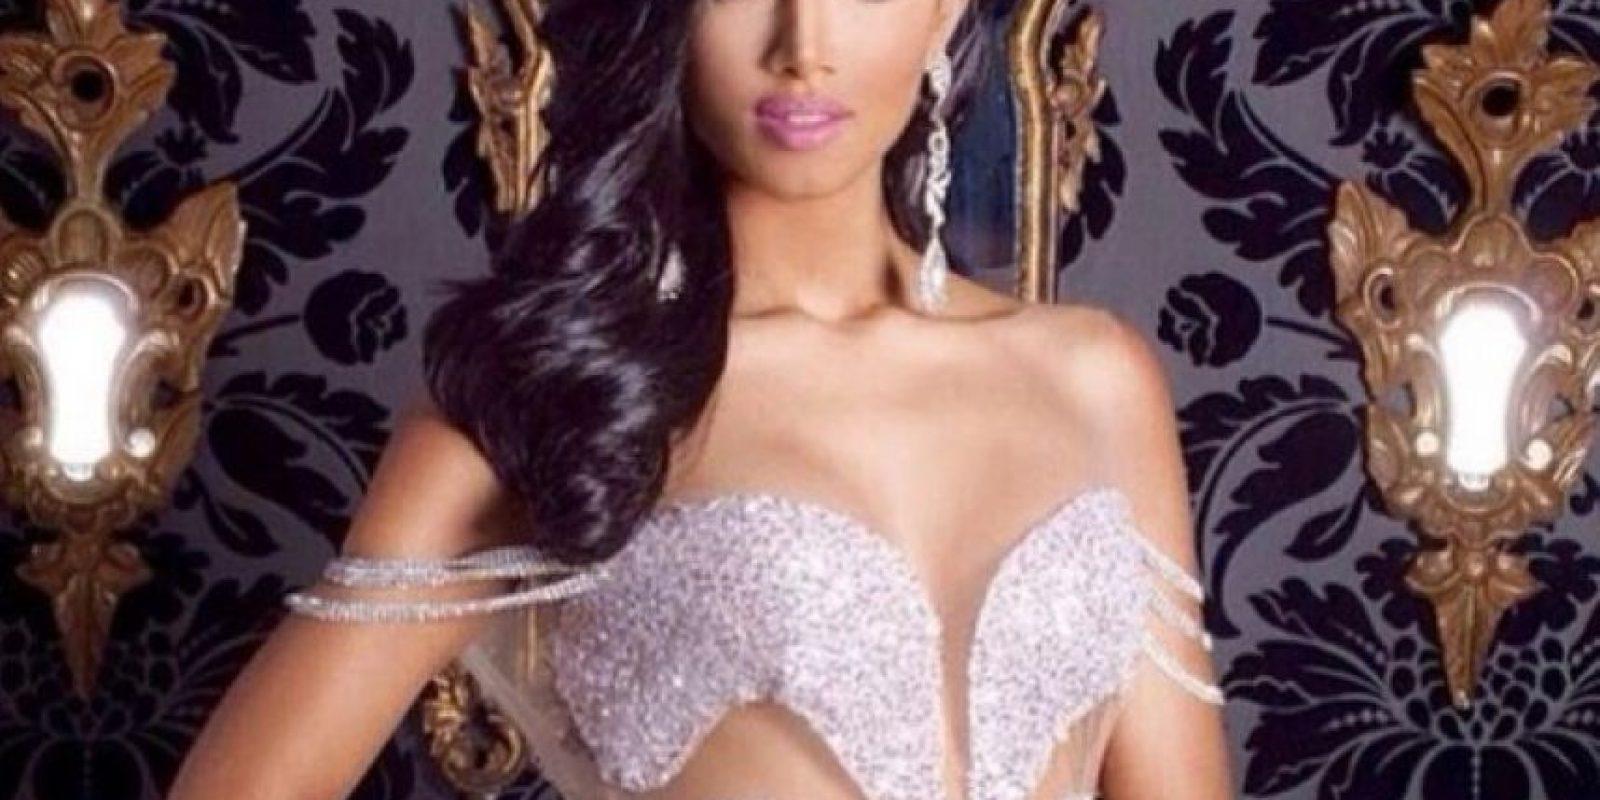 Se llama Maydeliana Diaz, y busca ser Miss Venezuela 2015 Foto: instagram.com/maydelianadiaz/